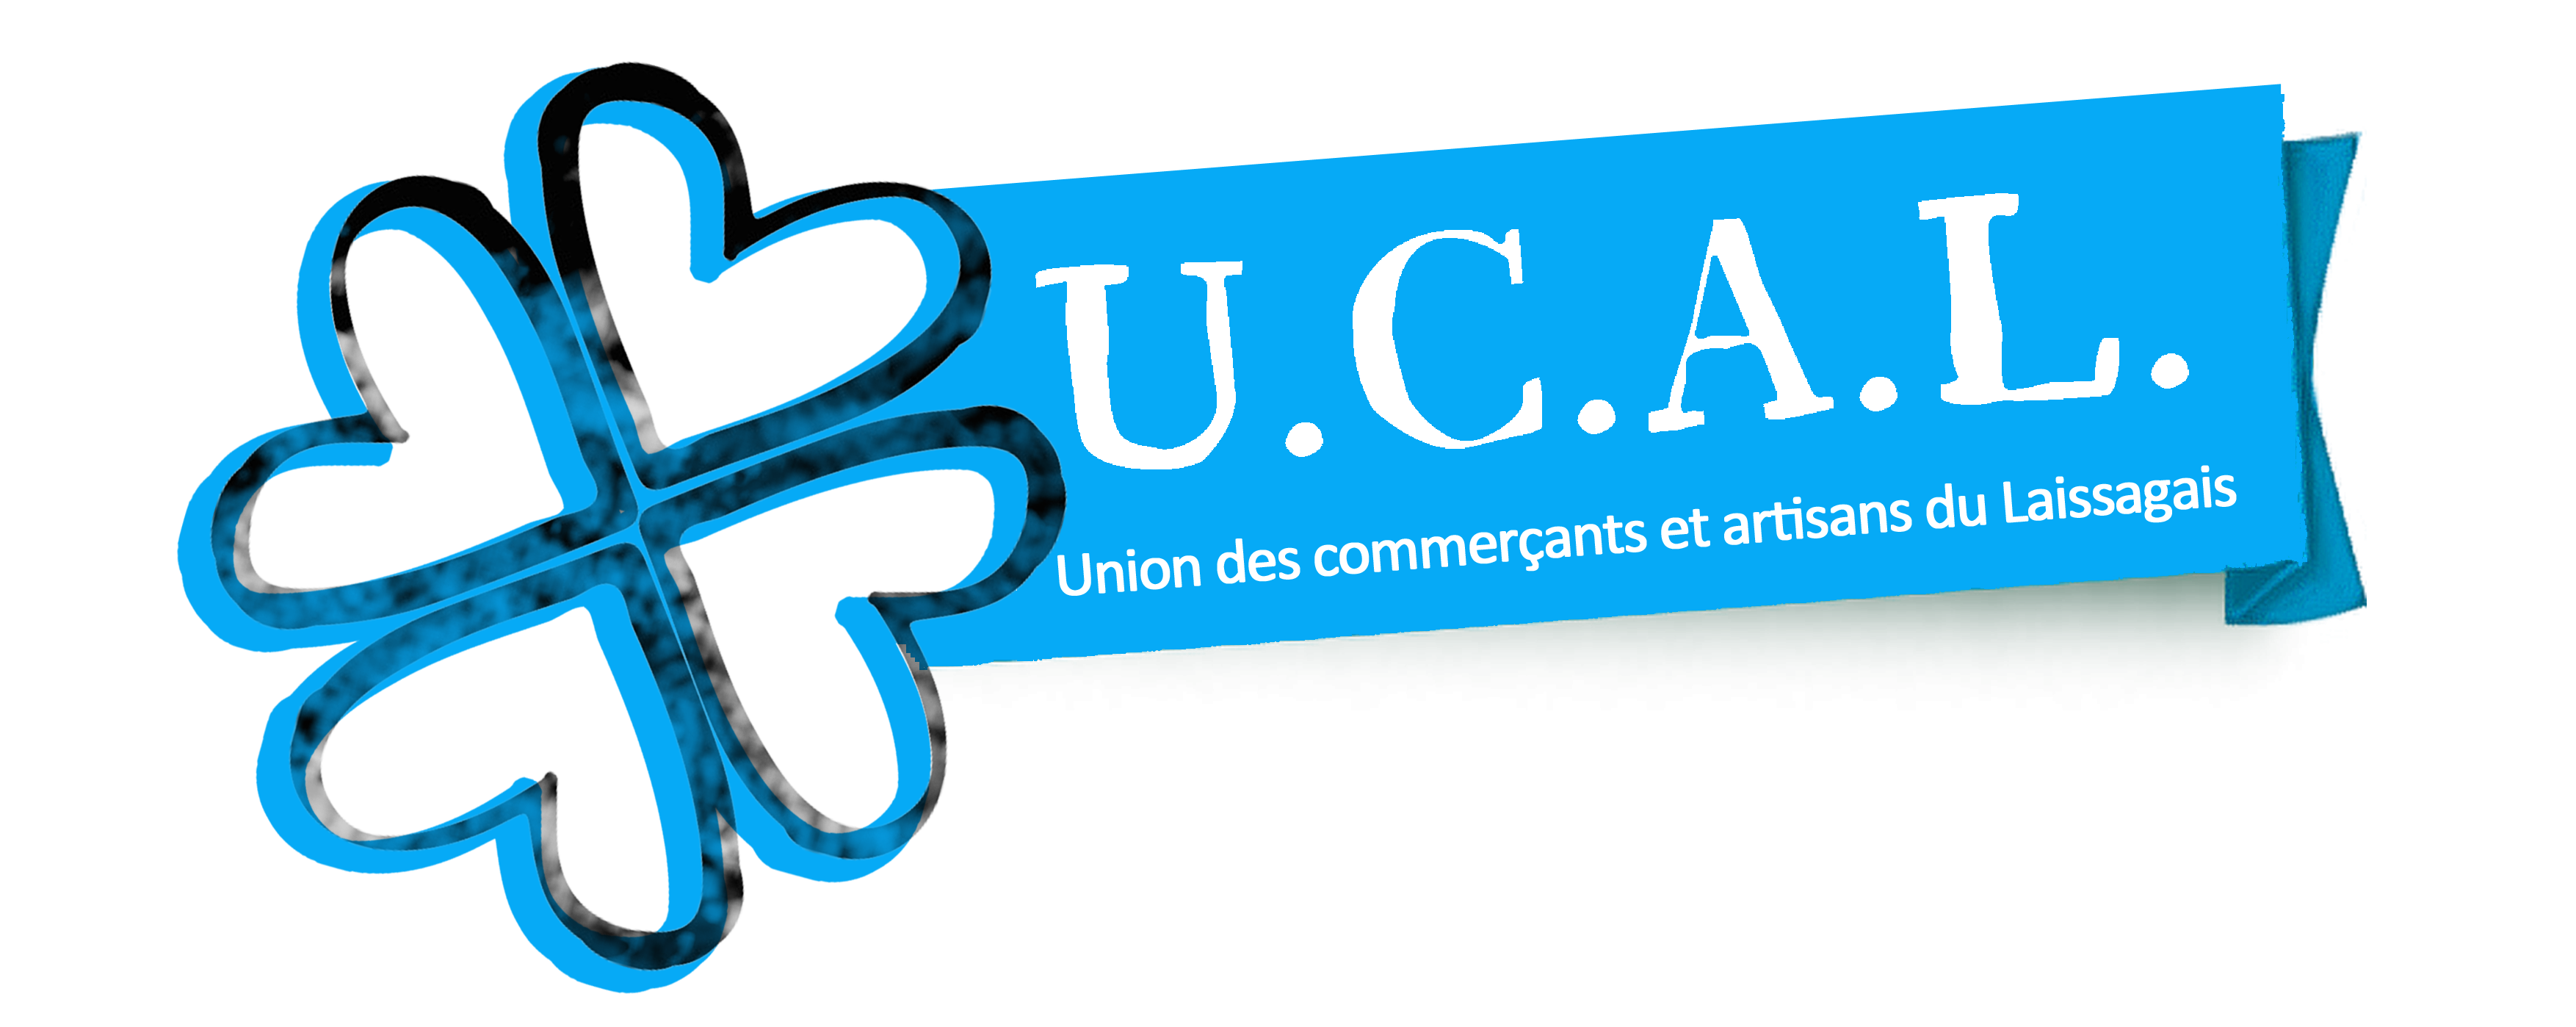 Union des Commerçants et Artisans du Laissagais